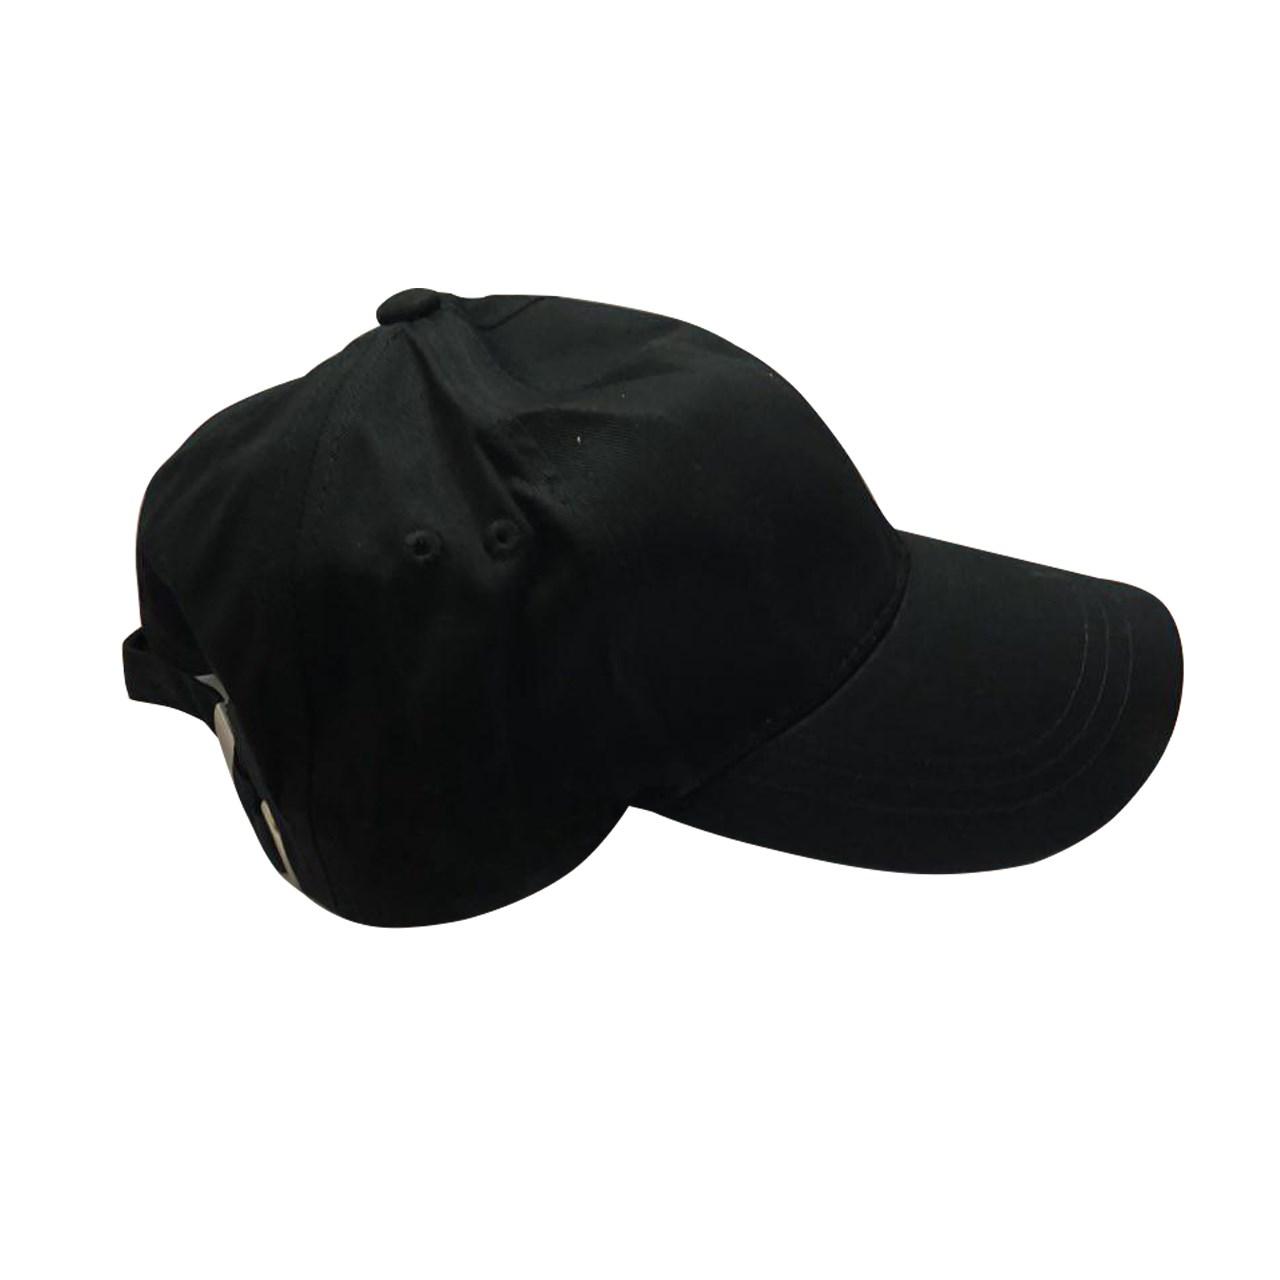 کلاه مردانه جوما مدل Black